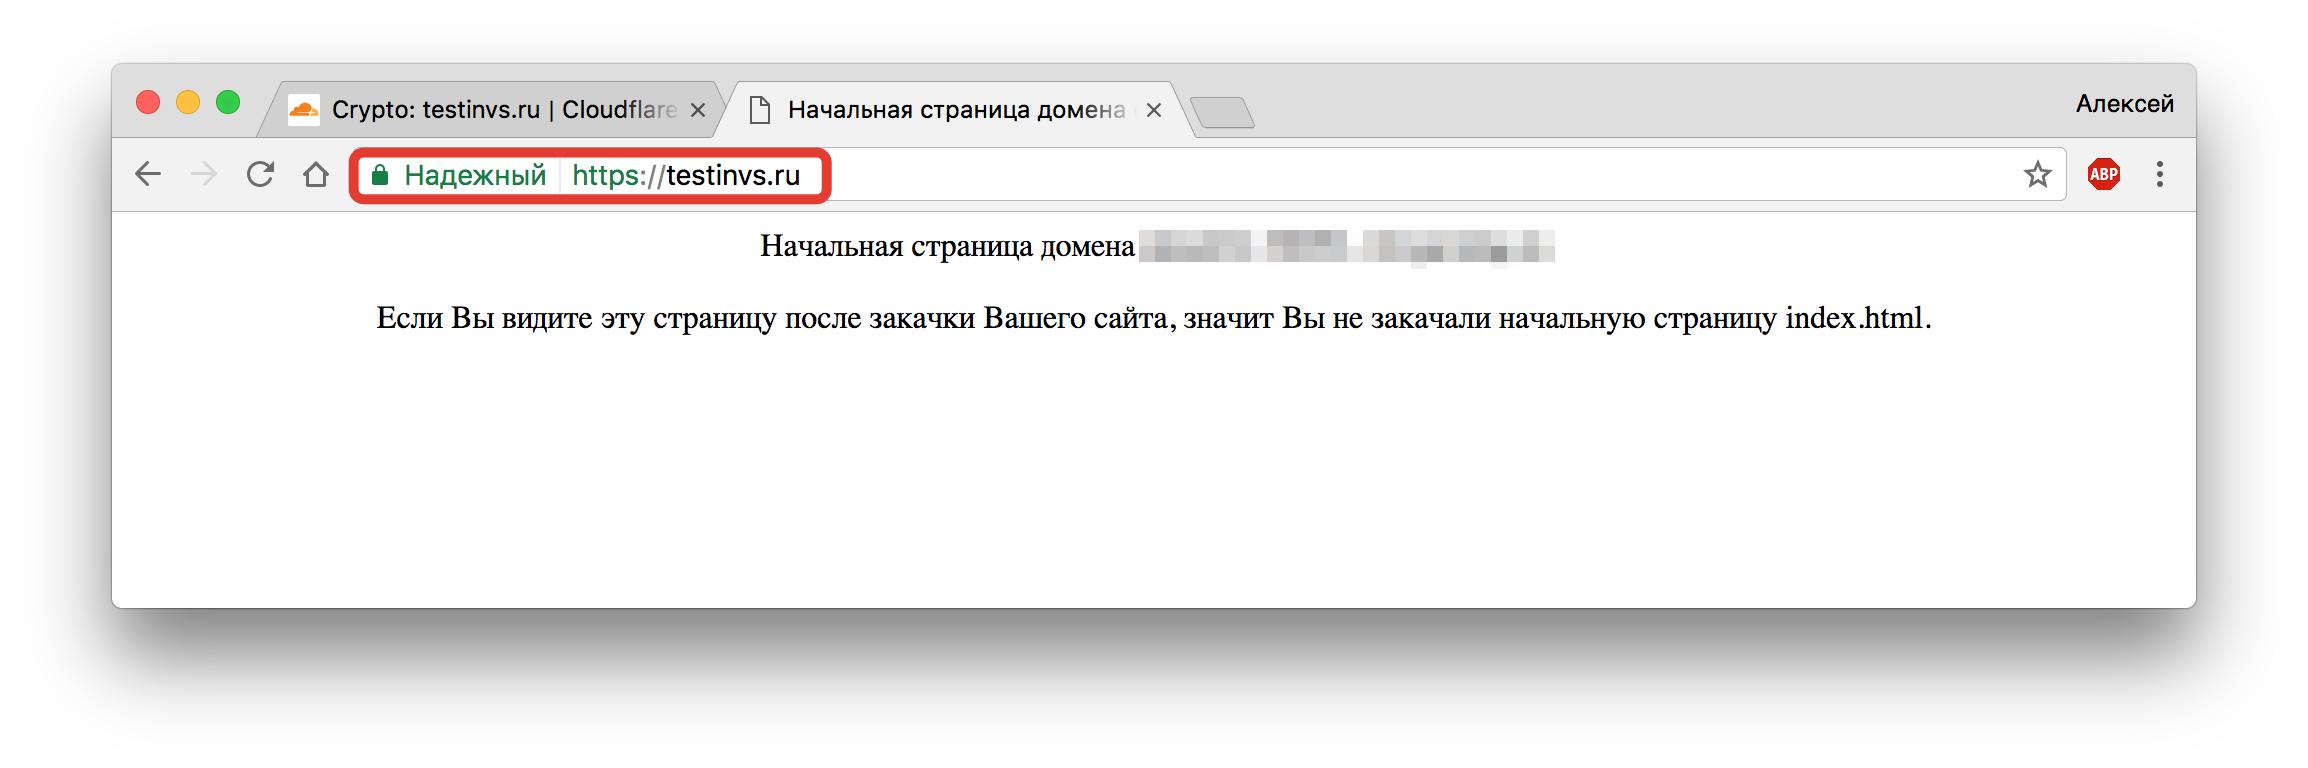 бесплатный ssl-сертификат cloudflare установлен